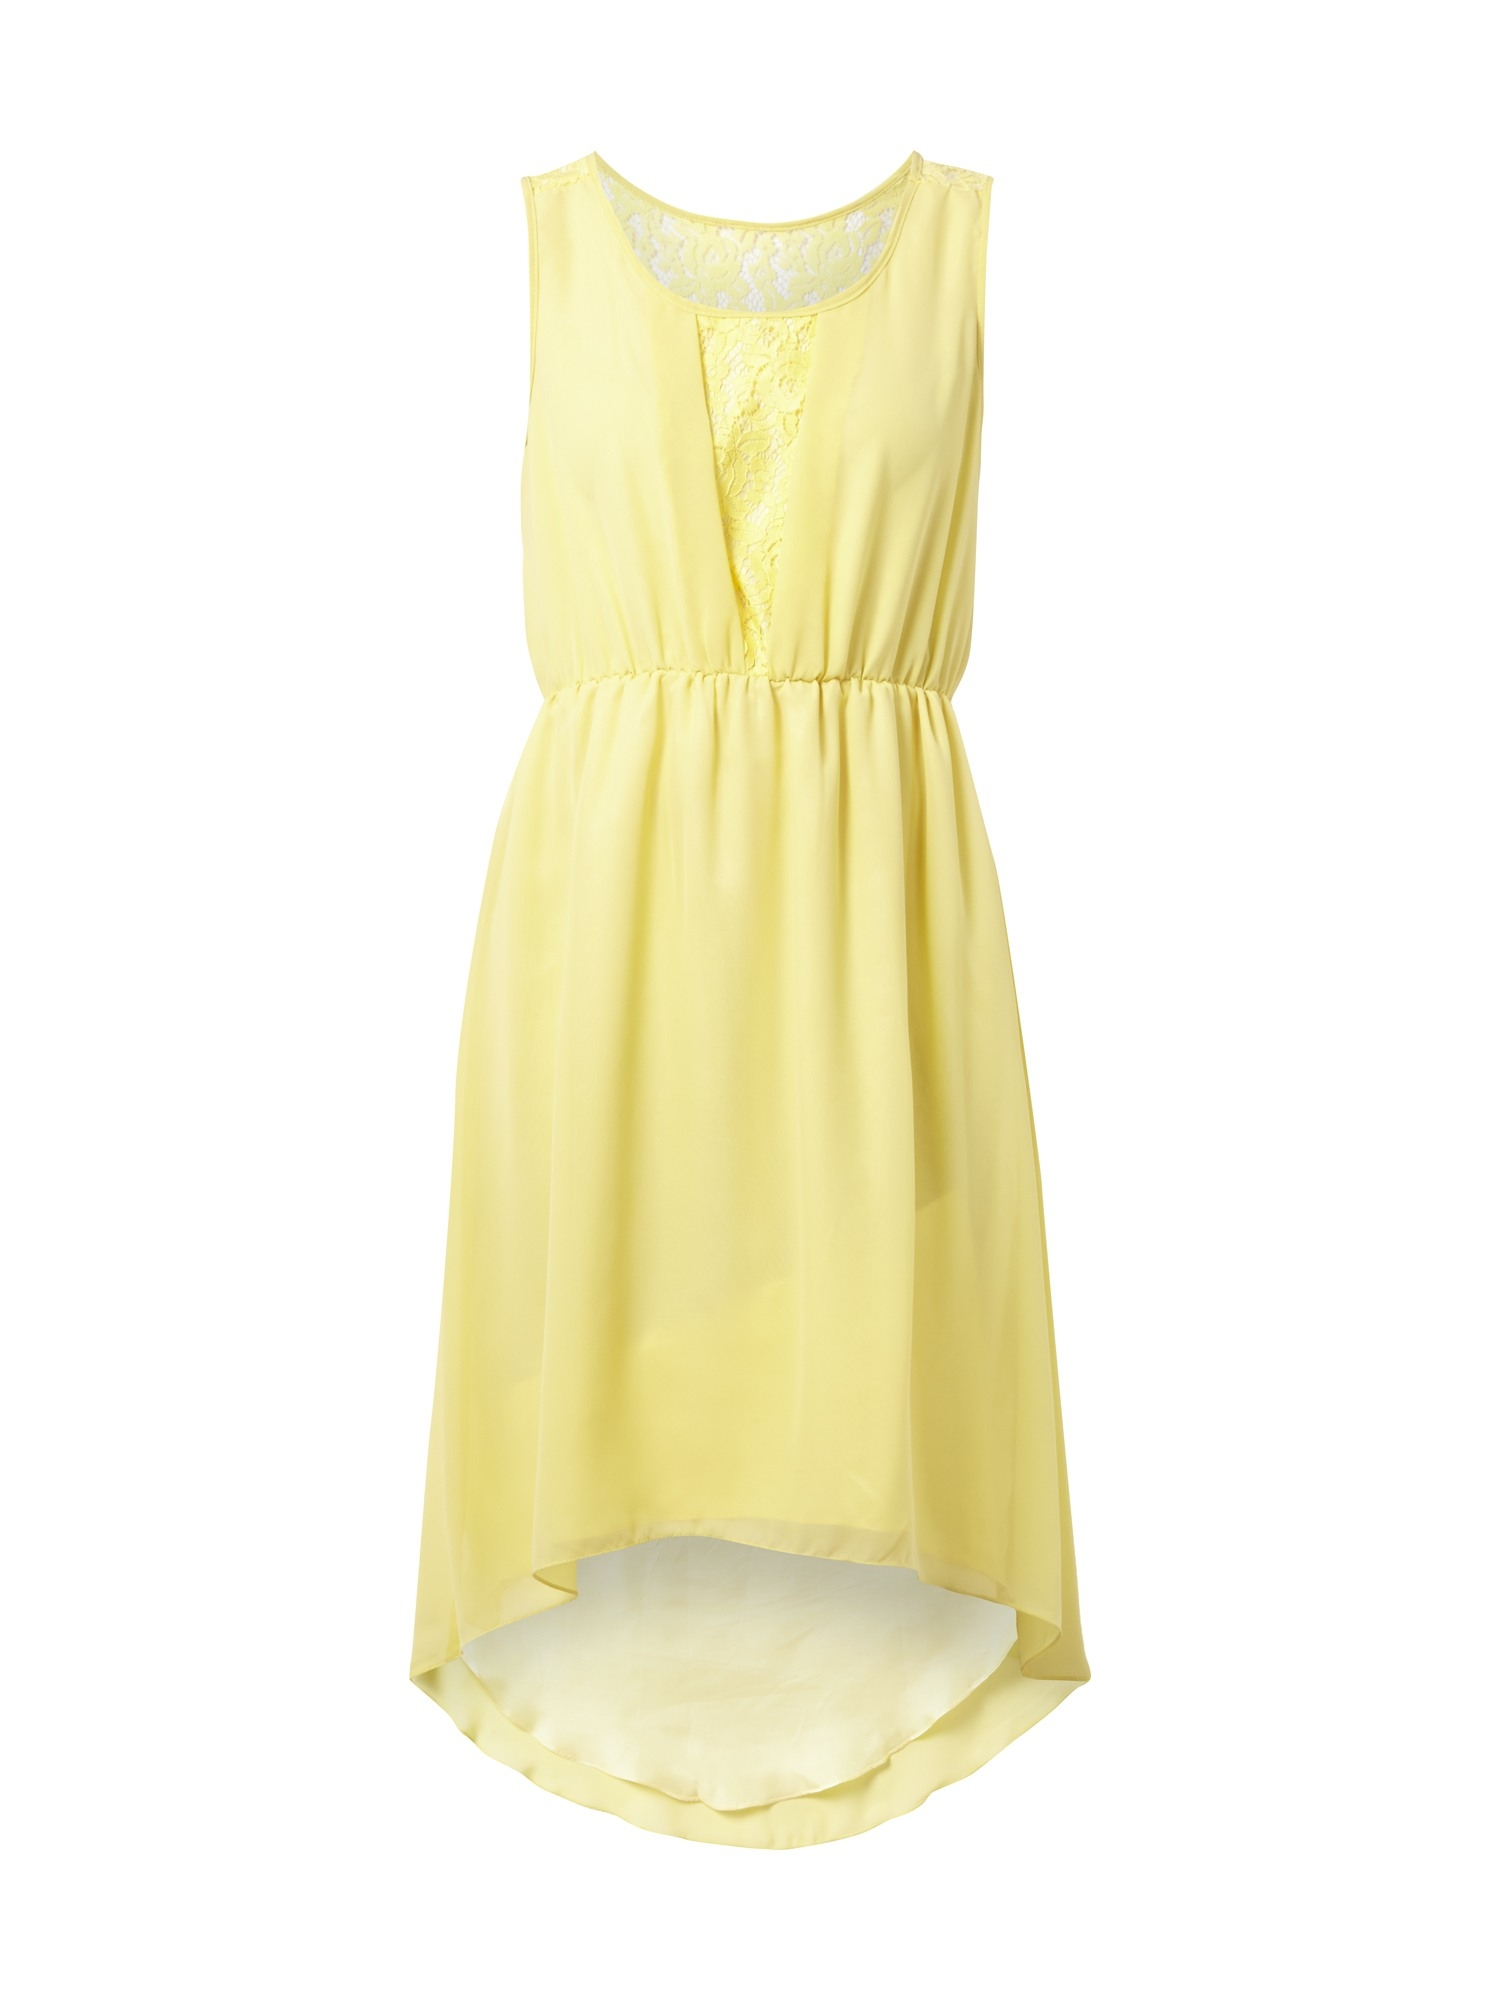 Formal Elegant Gelbes Festliches Kleid Stylish Erstaunlich Gelbes Festliches Kleid Bester Preis